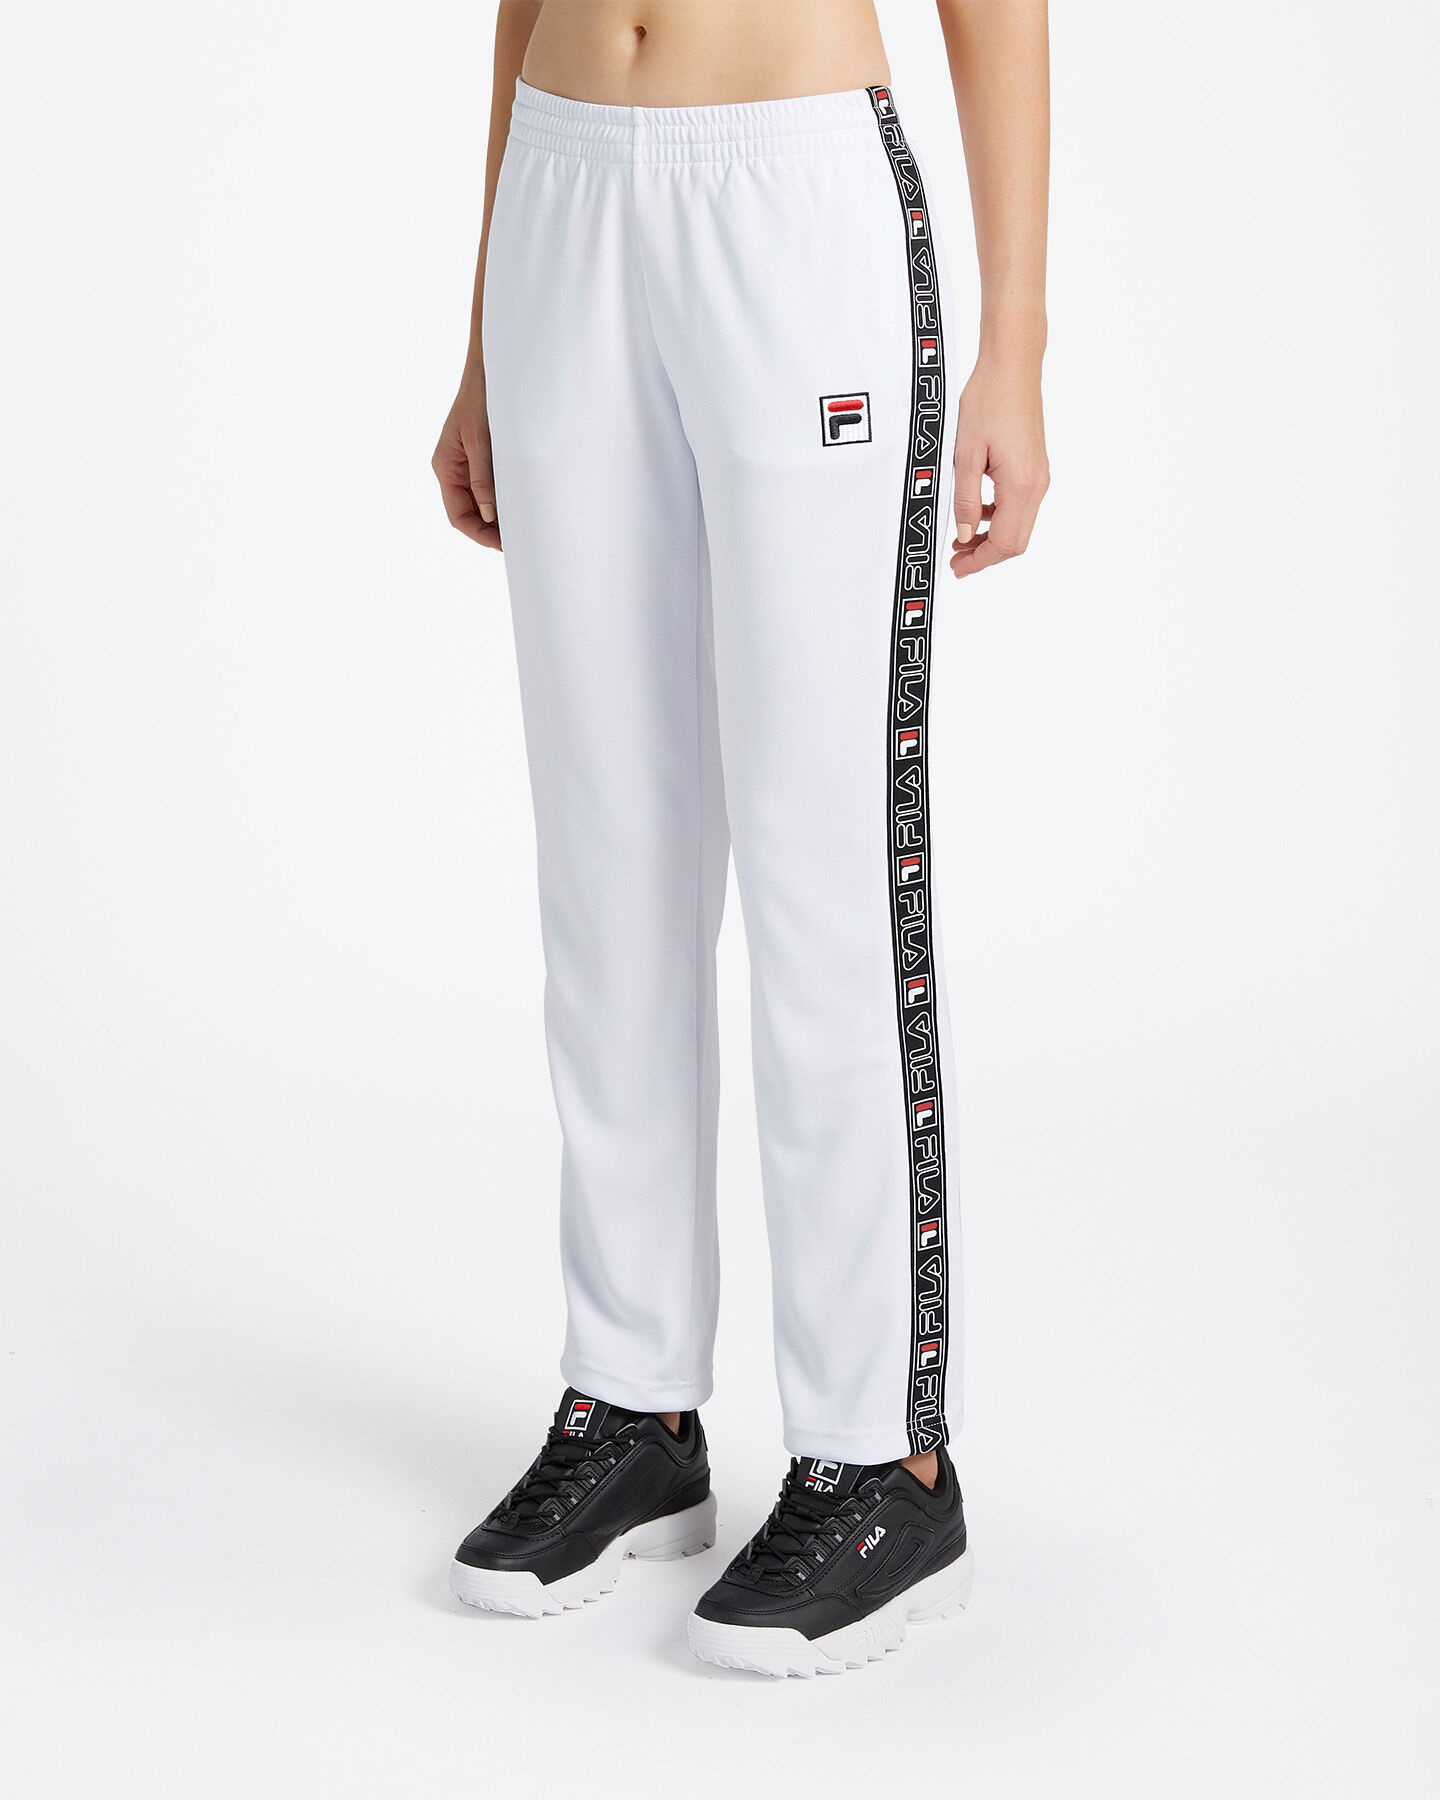 Pantalone FILA CLASSIC BANDA W S4074262 scatto 2